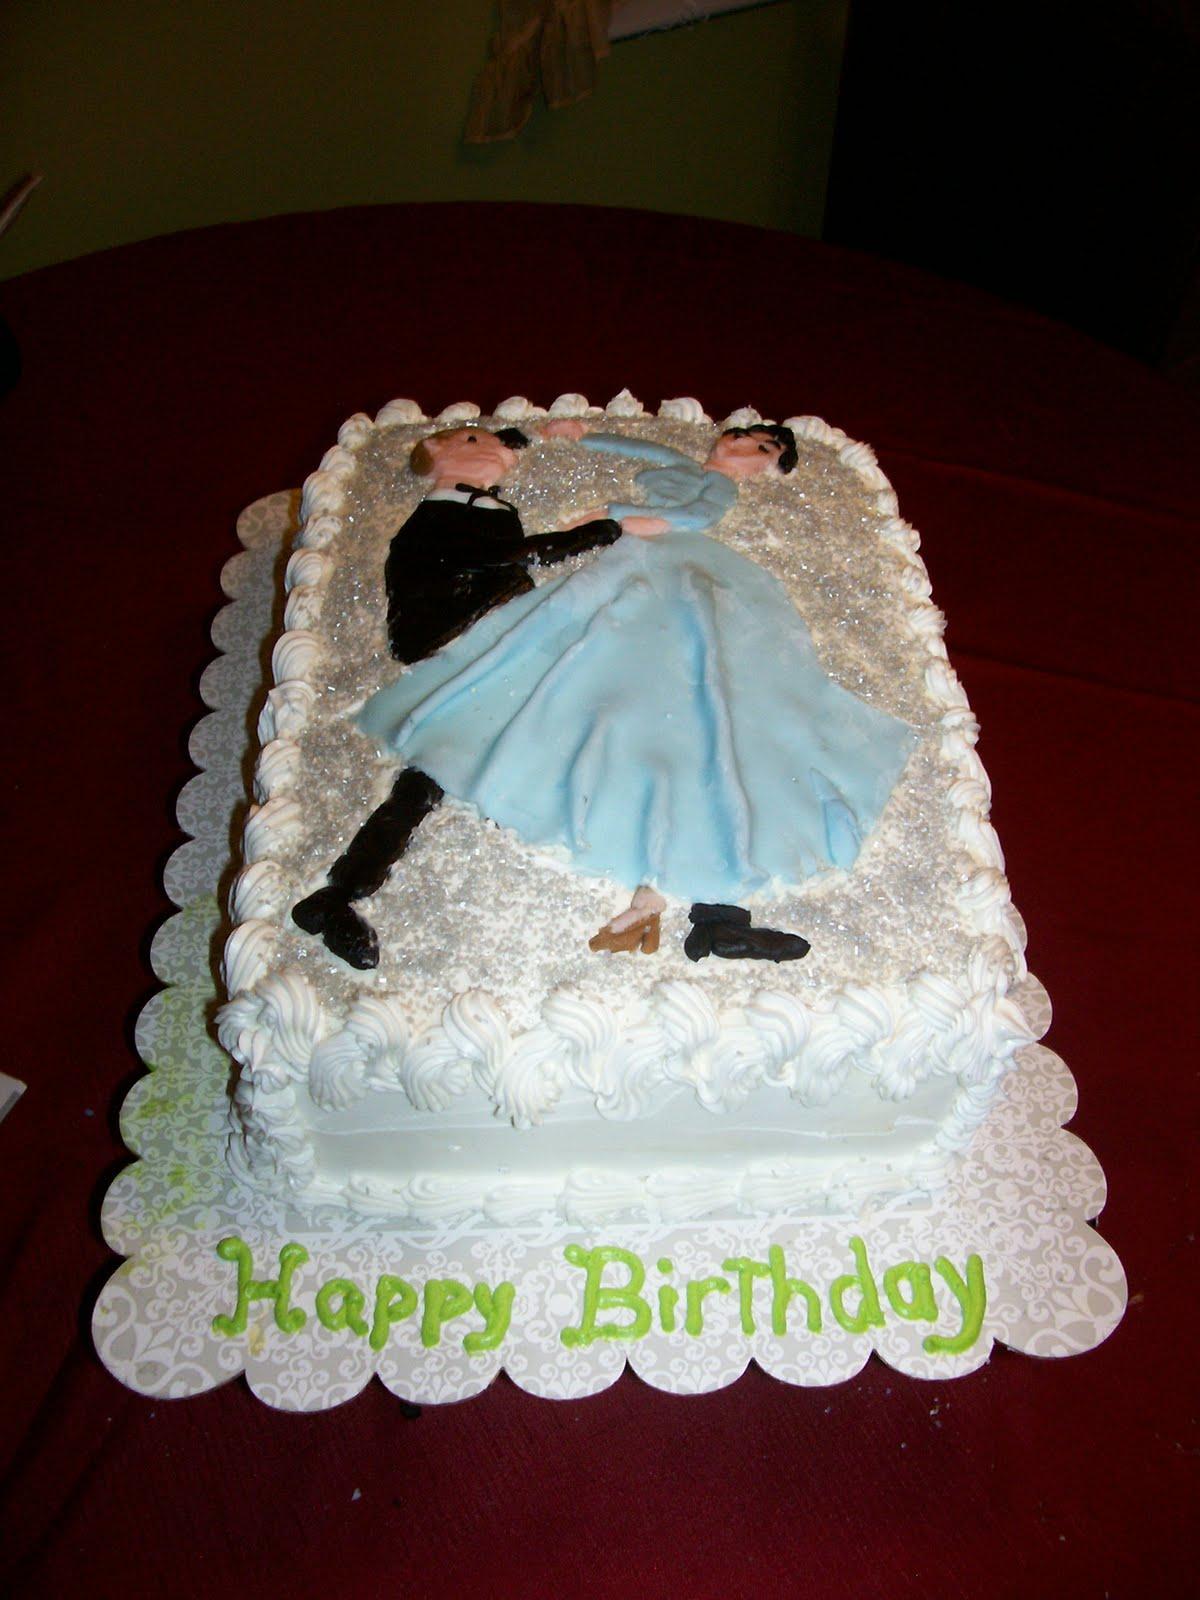 Michaelinas Cakes Jojom333yahoo Couple Dancing Birthday Cake